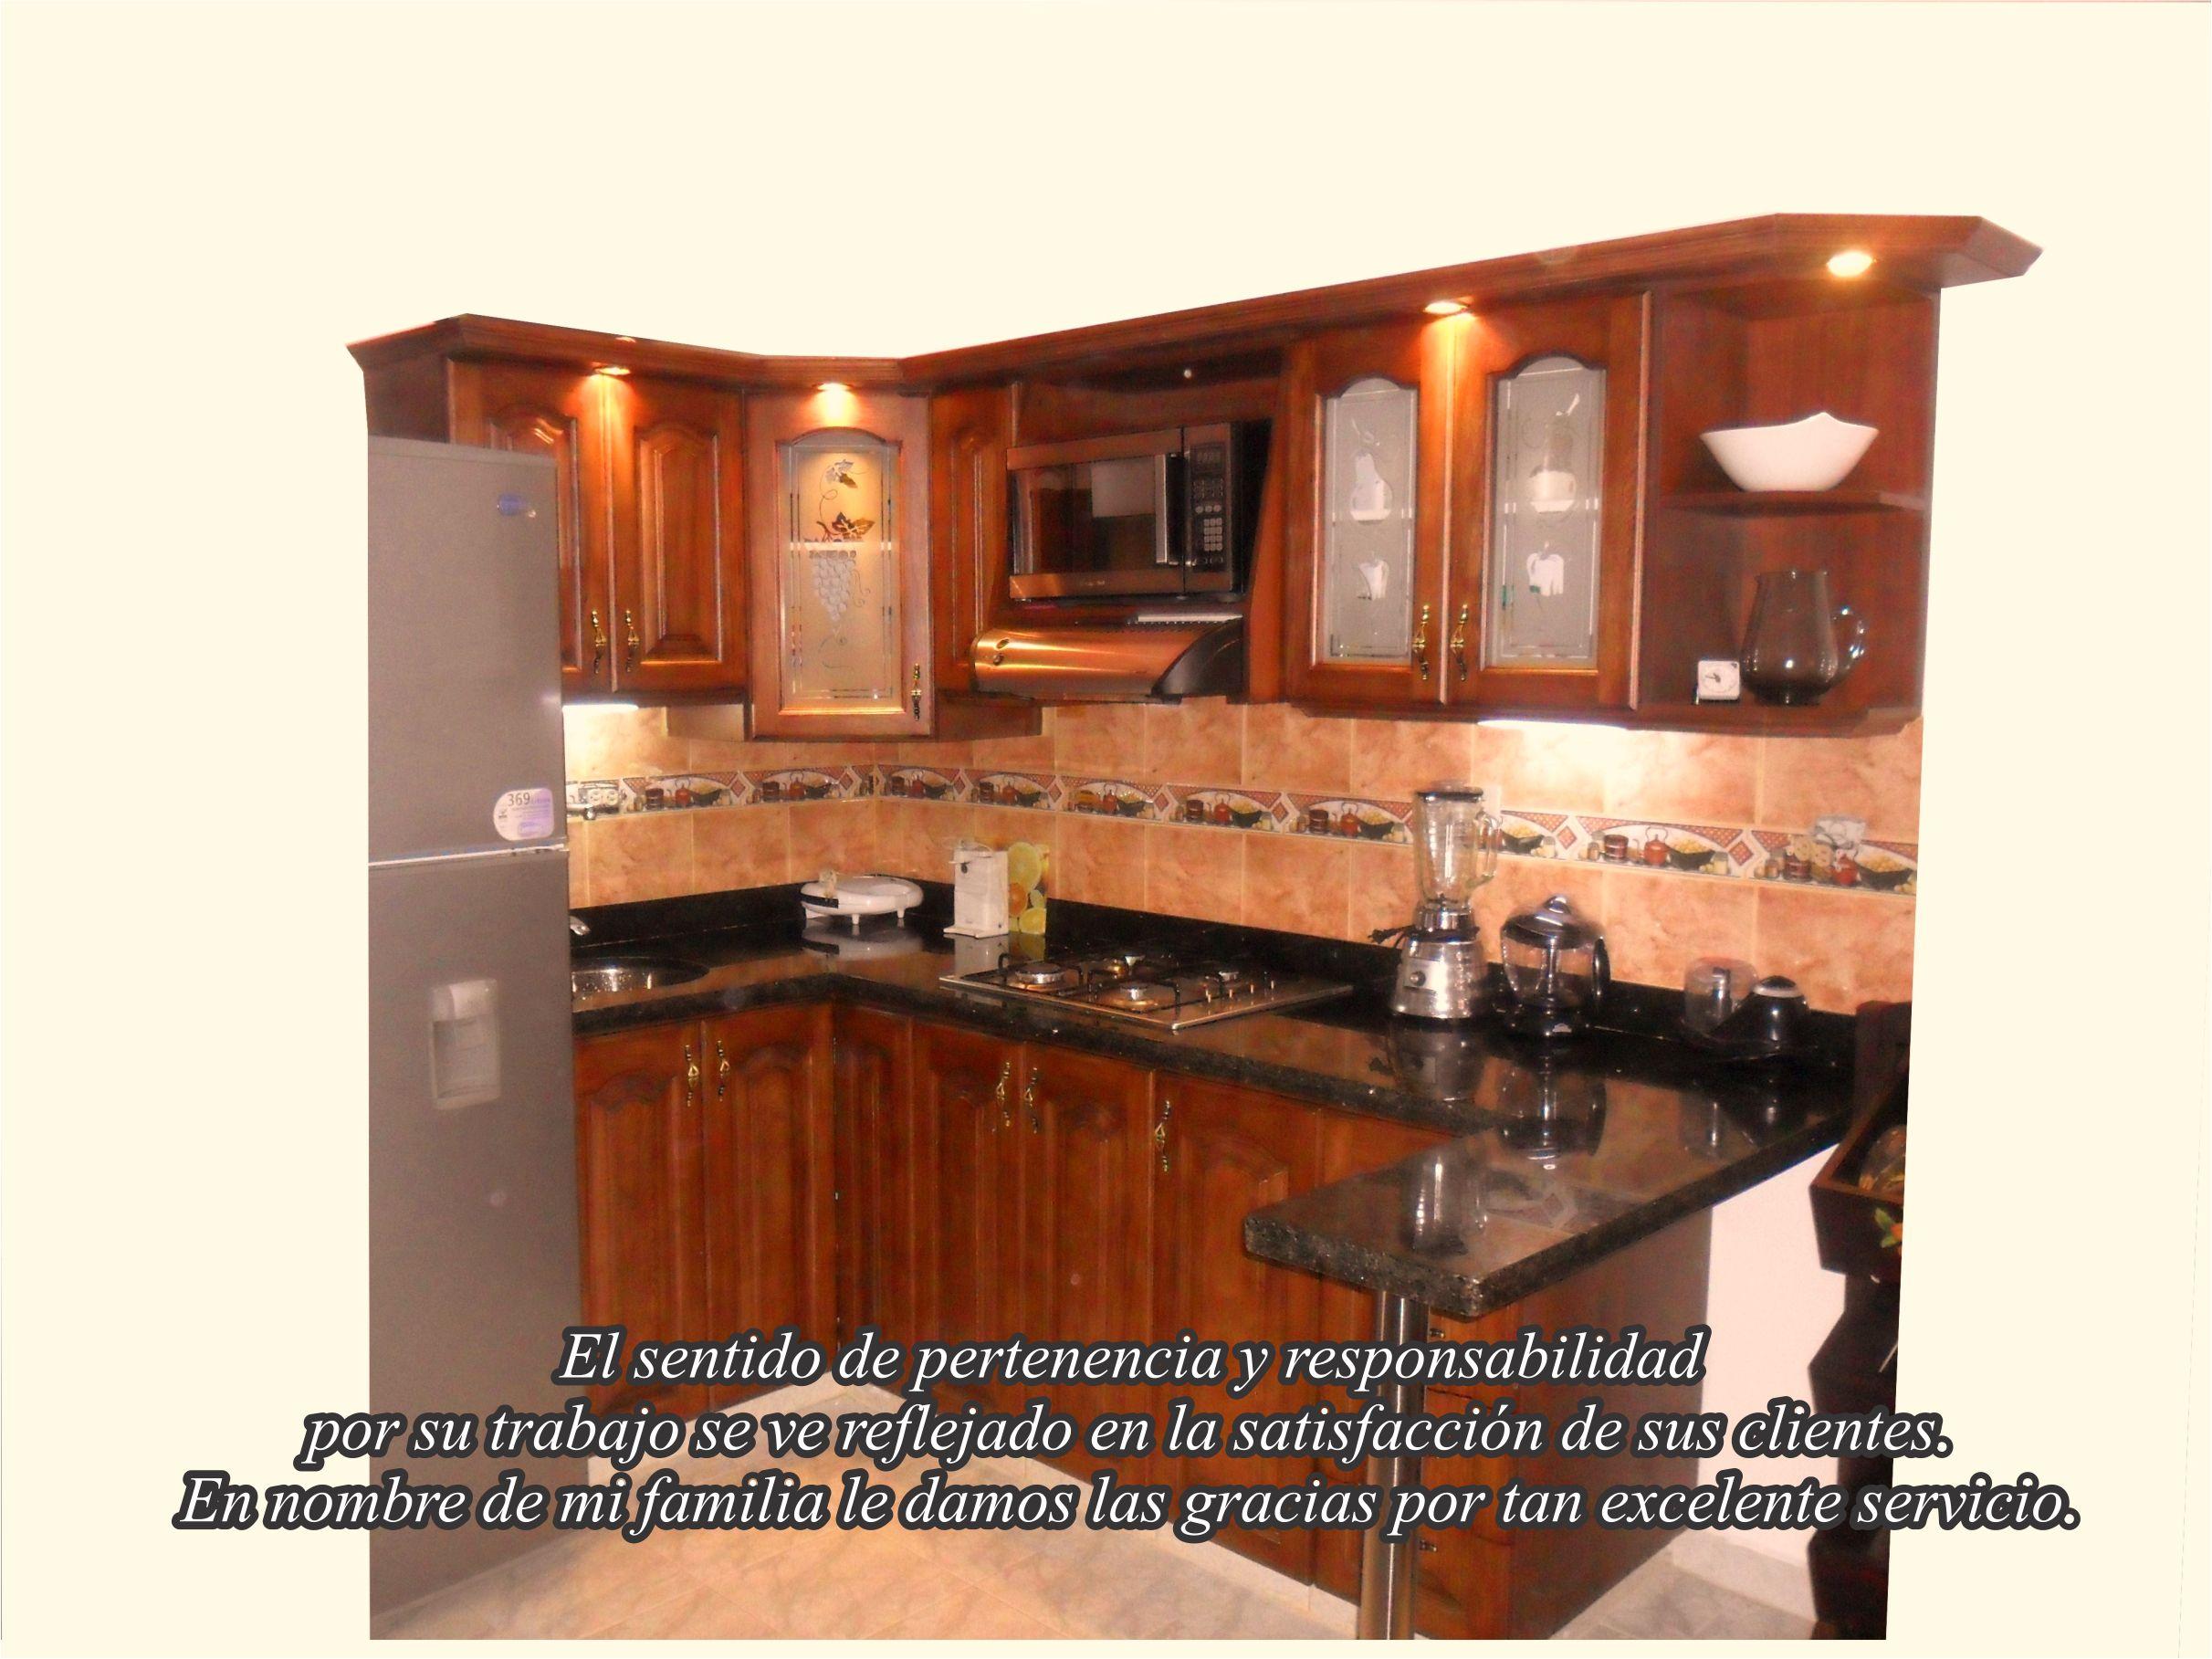 Cocinas integrales em medellin for Disenos de cocinas integrales de madera modernas